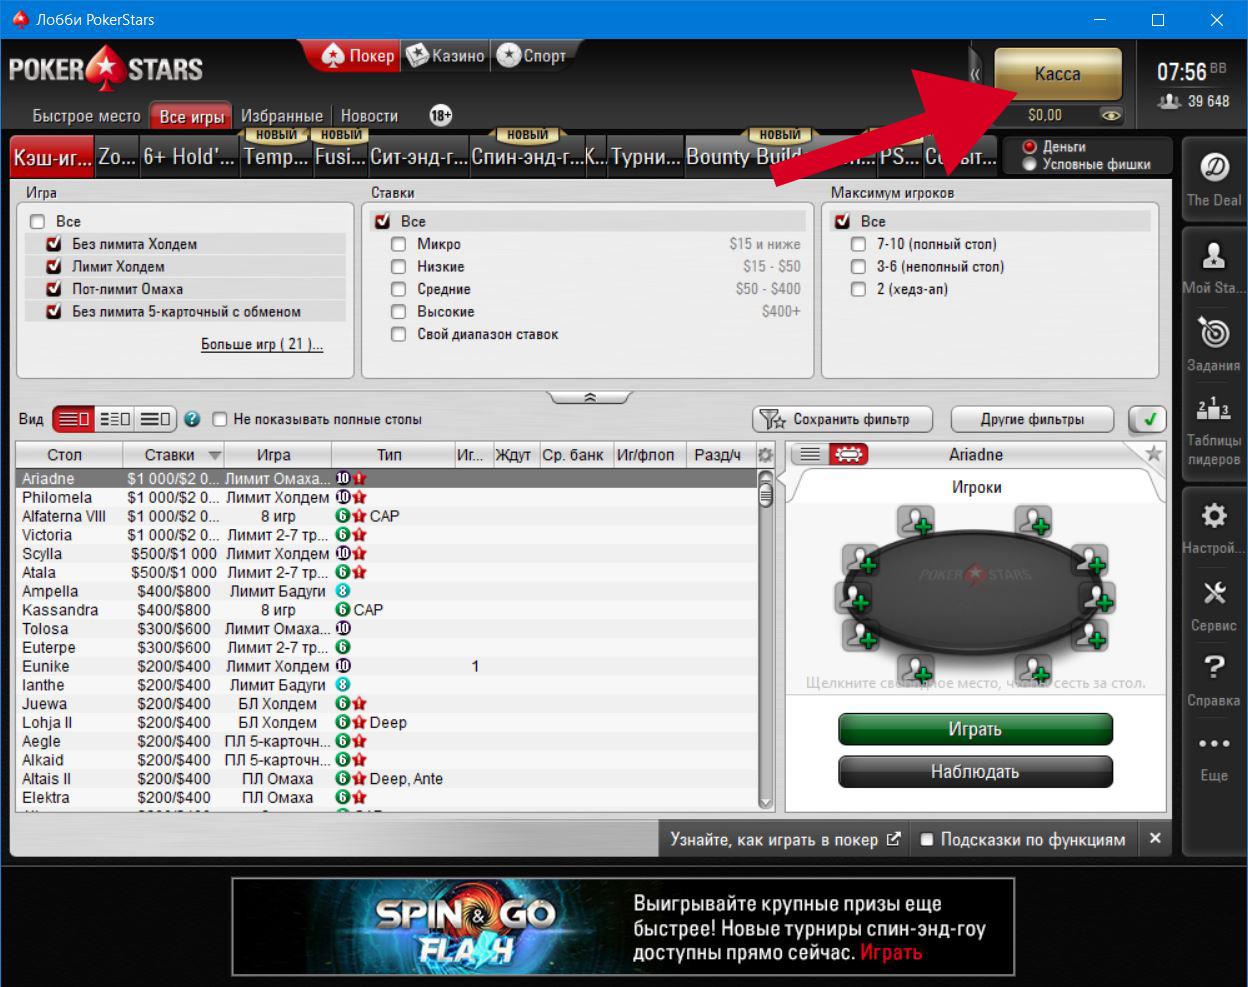 Кнопка Касса в лобби клиента PokerStars.